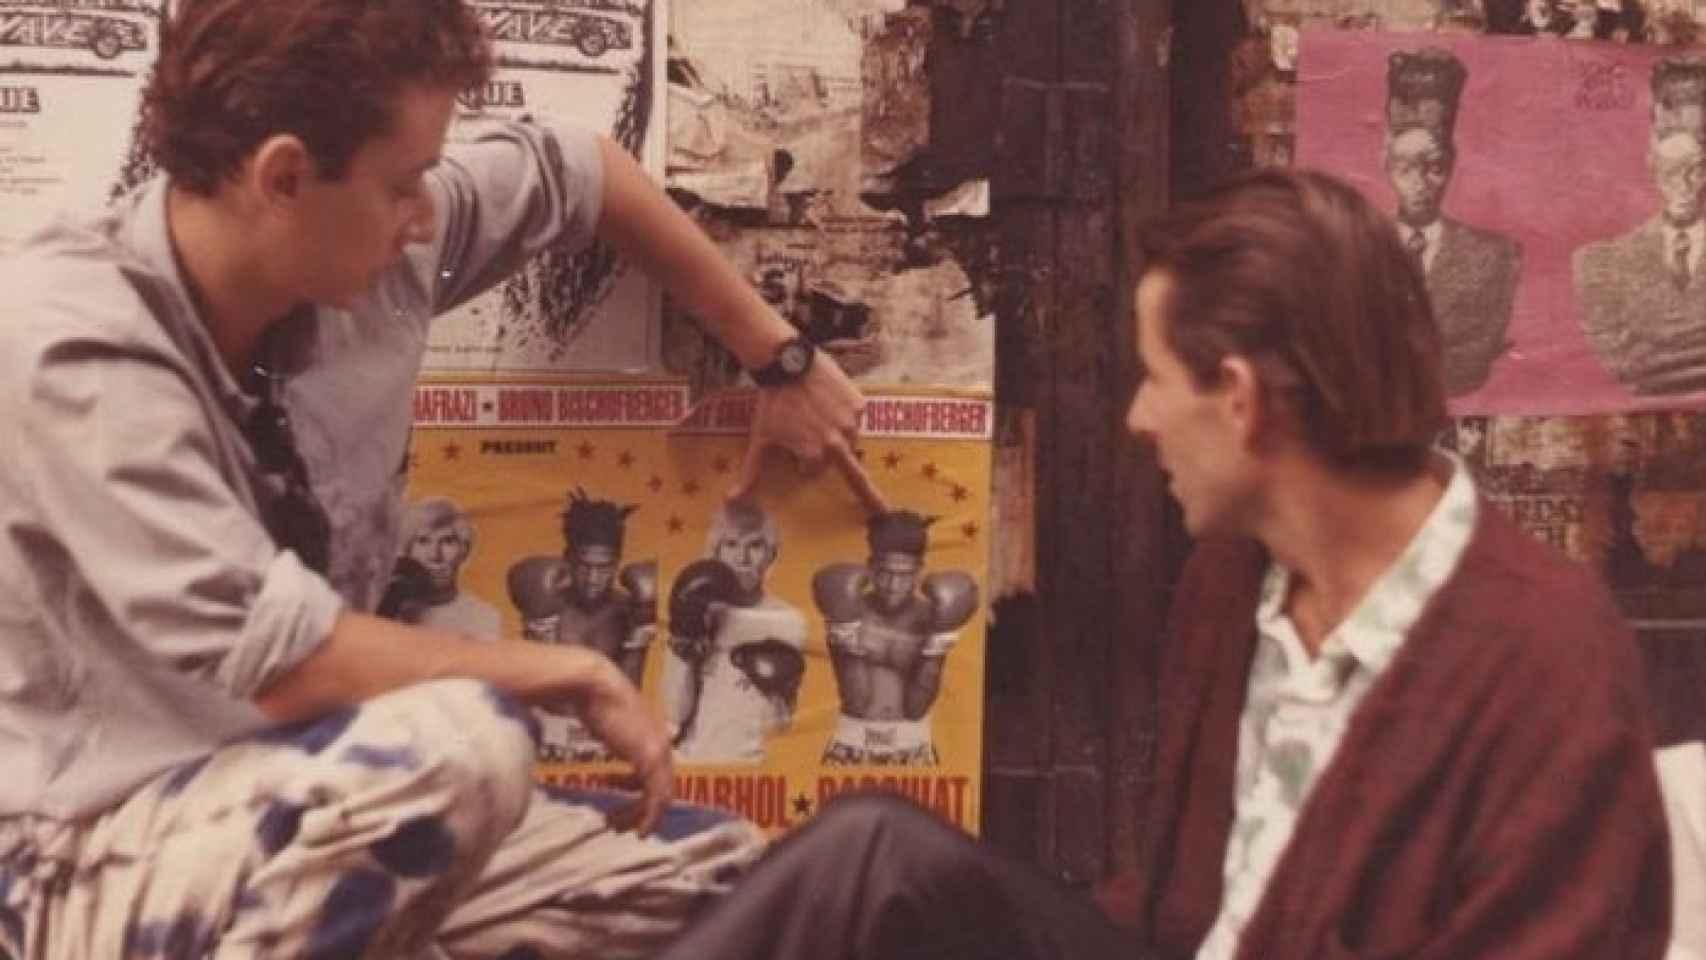 José Luis Pérez Navarro y Carlos Matallana, con un cartel de Warhol y Basquiat.